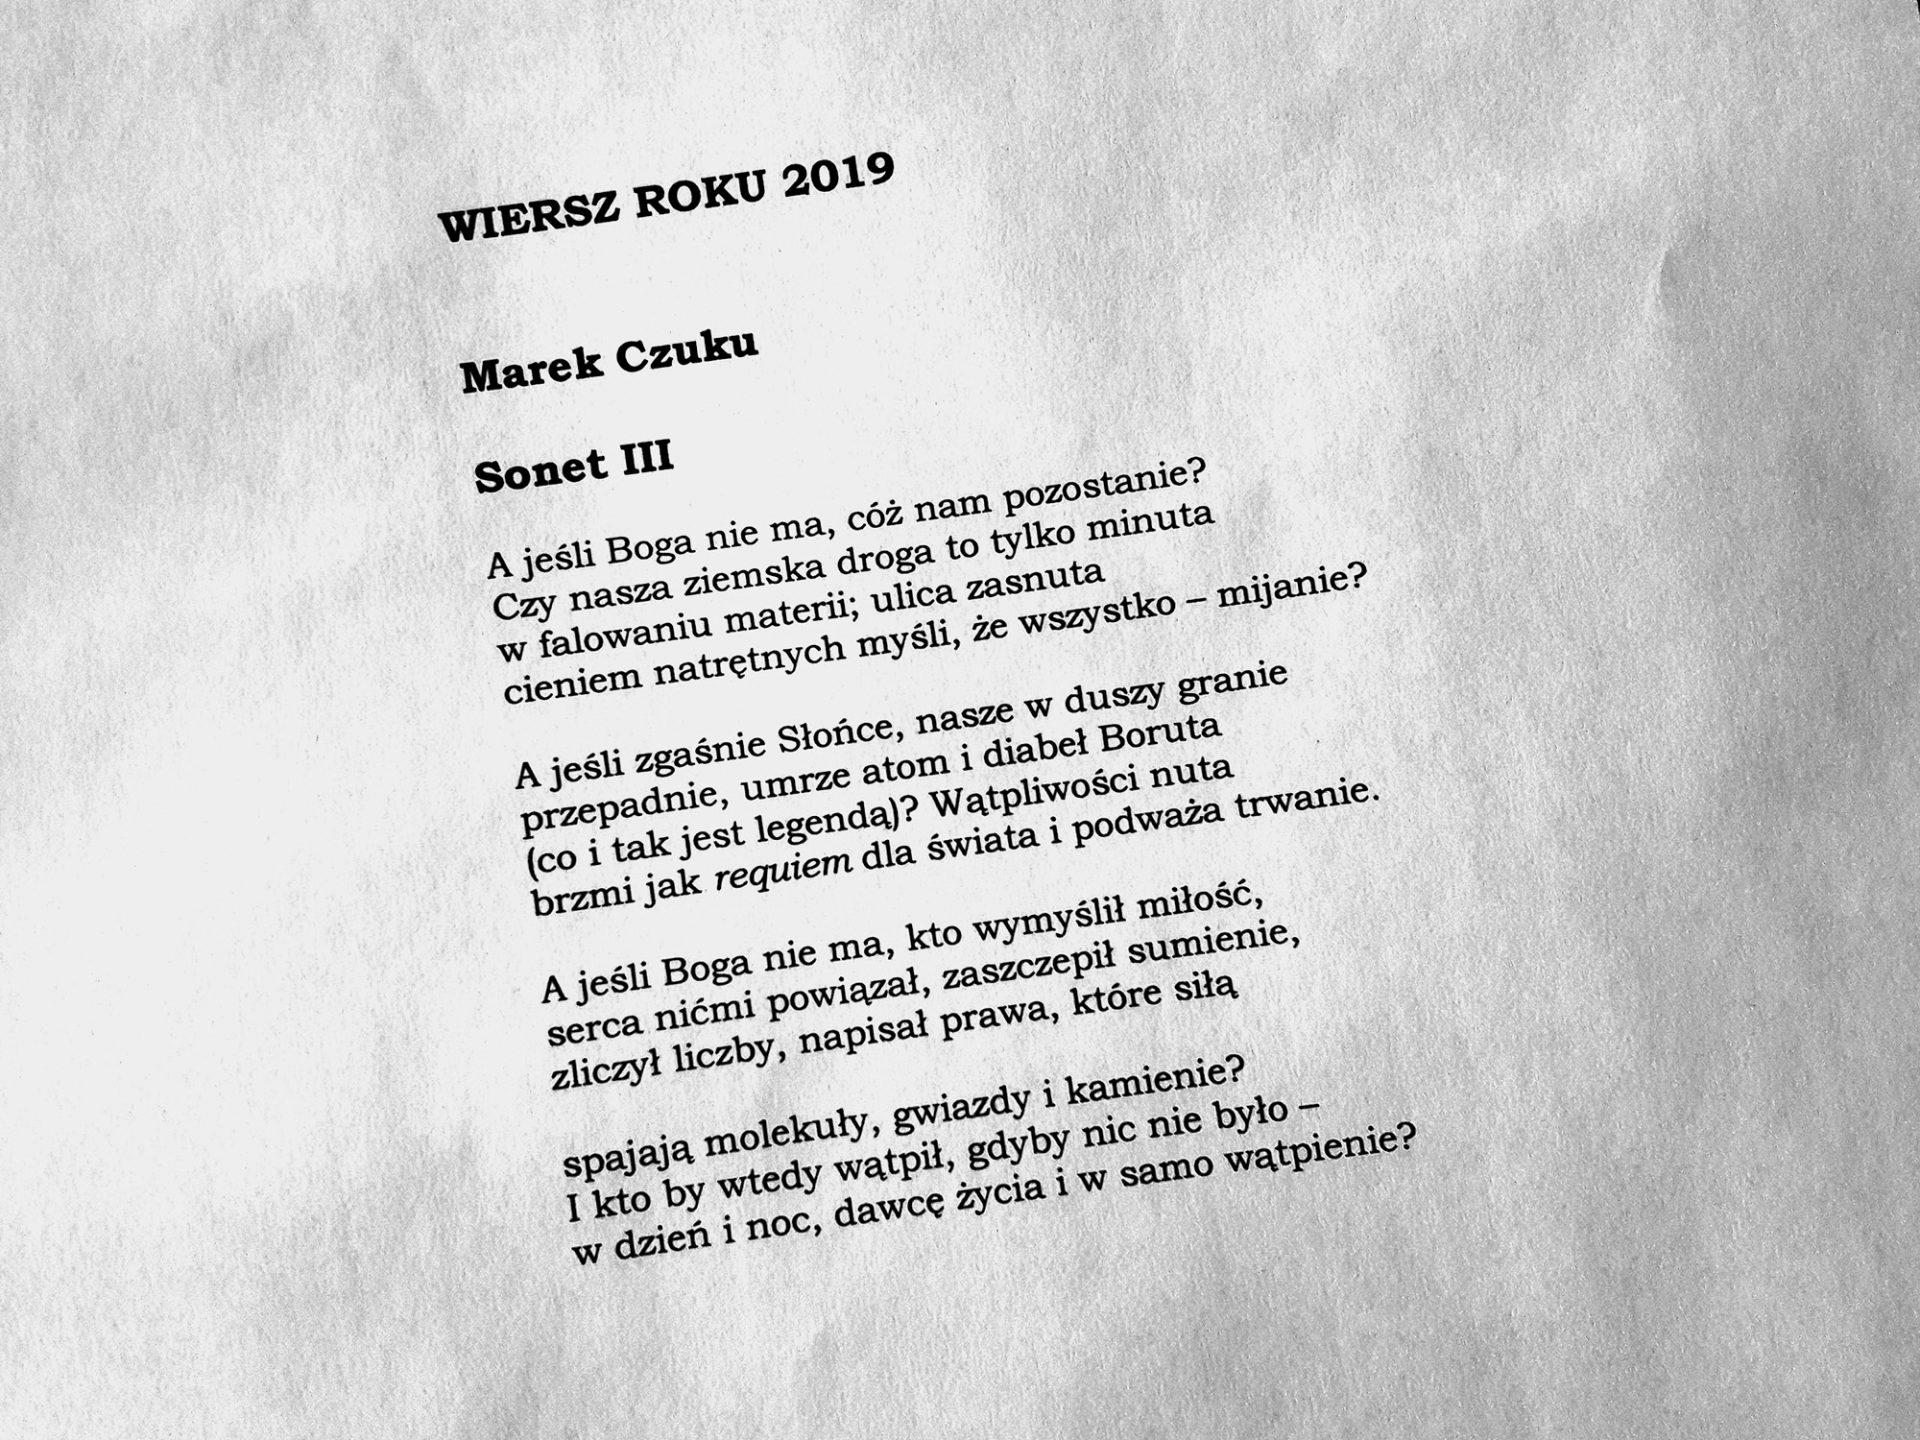 ZPK WIERSZ ROKU 2019 SONET III – Marek Czuku, 2019 Marek Czuku (źródło: materiały prasowe)